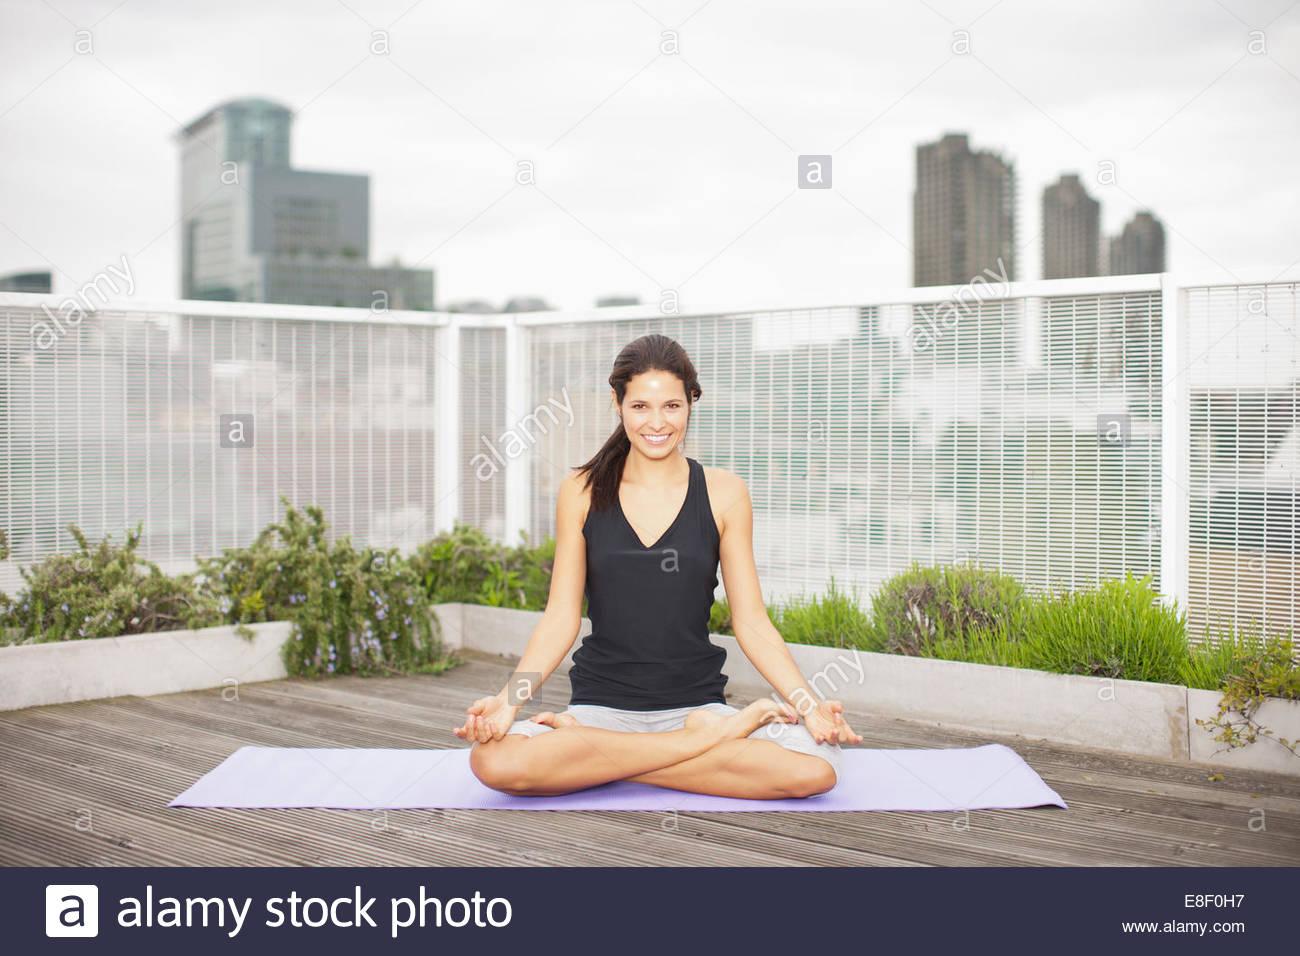 Mujer practicando yoga en la terraza Imagen De Stock